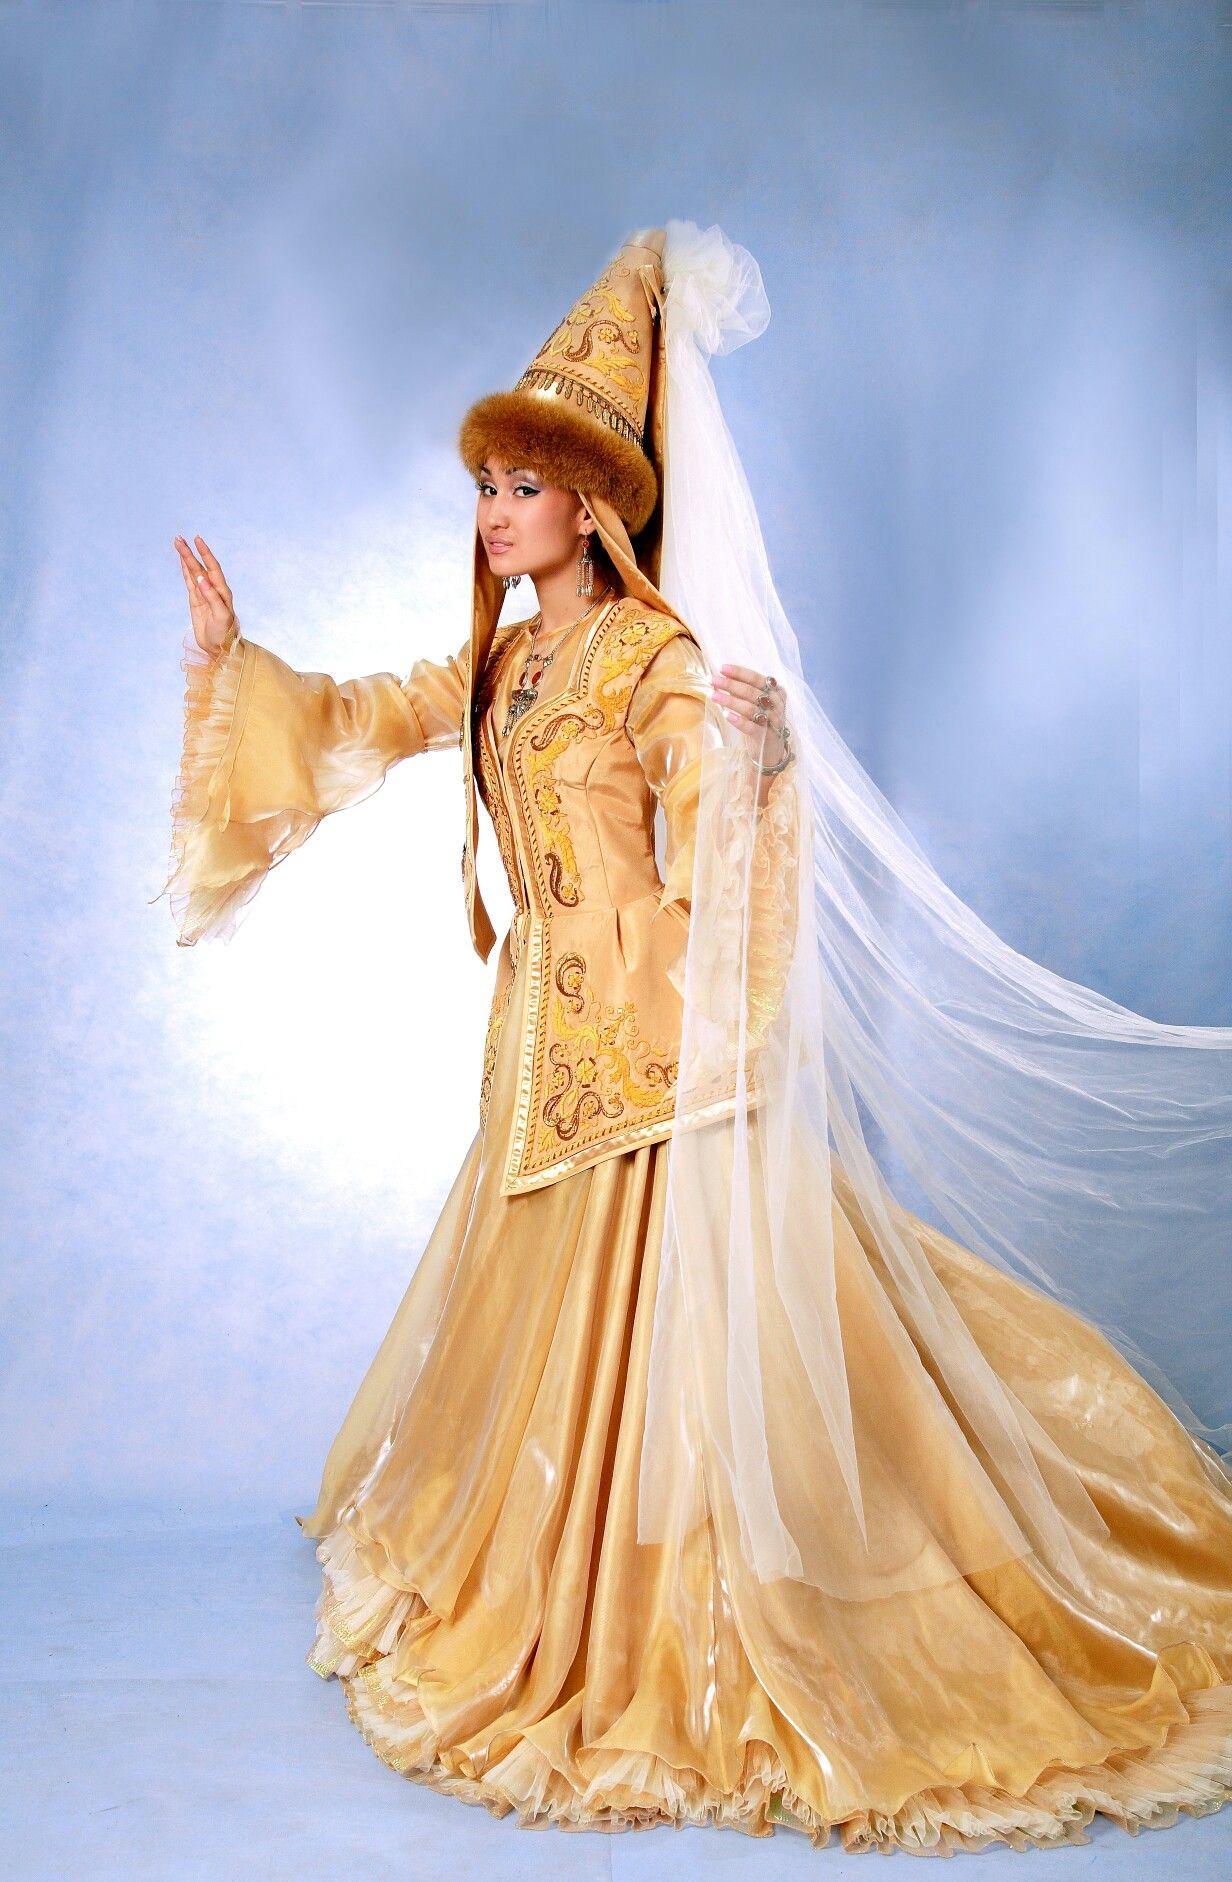 ae0773ad1dc Bridal dress  Невеста Казахское национальное свадебное платье  Модель ЗаринаТурсунова Фотограф ИринаБогачëва